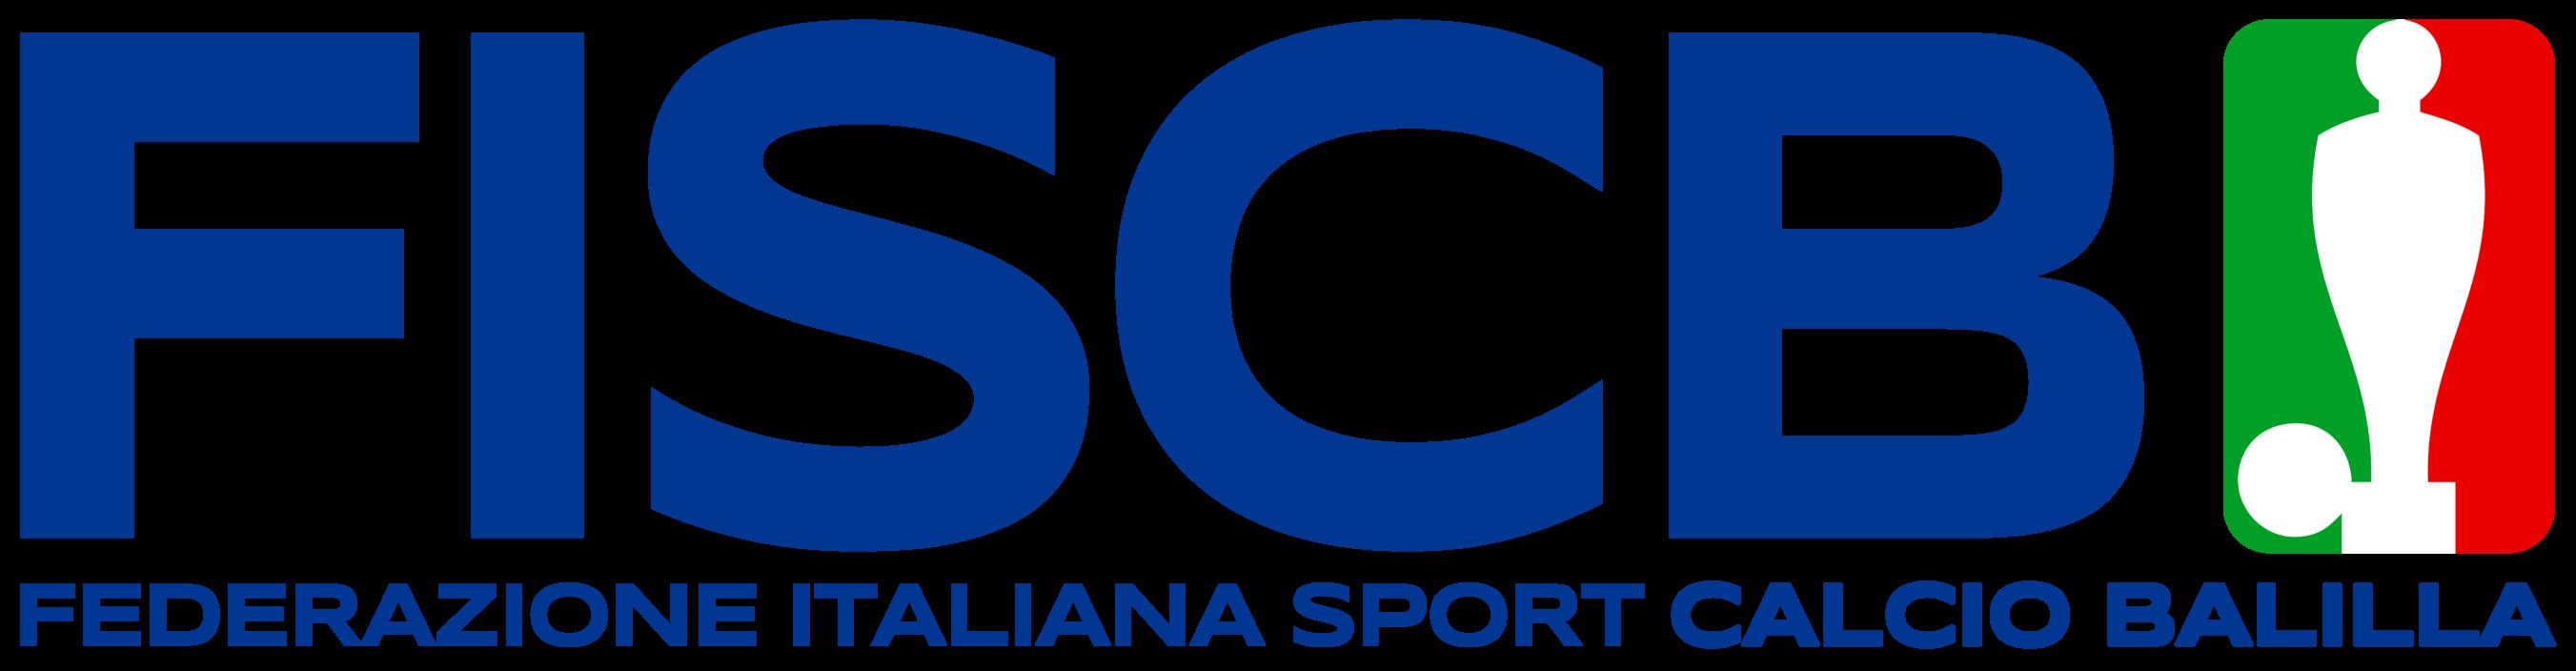 Logo Federazione Italiana Sport Calcio Balilla